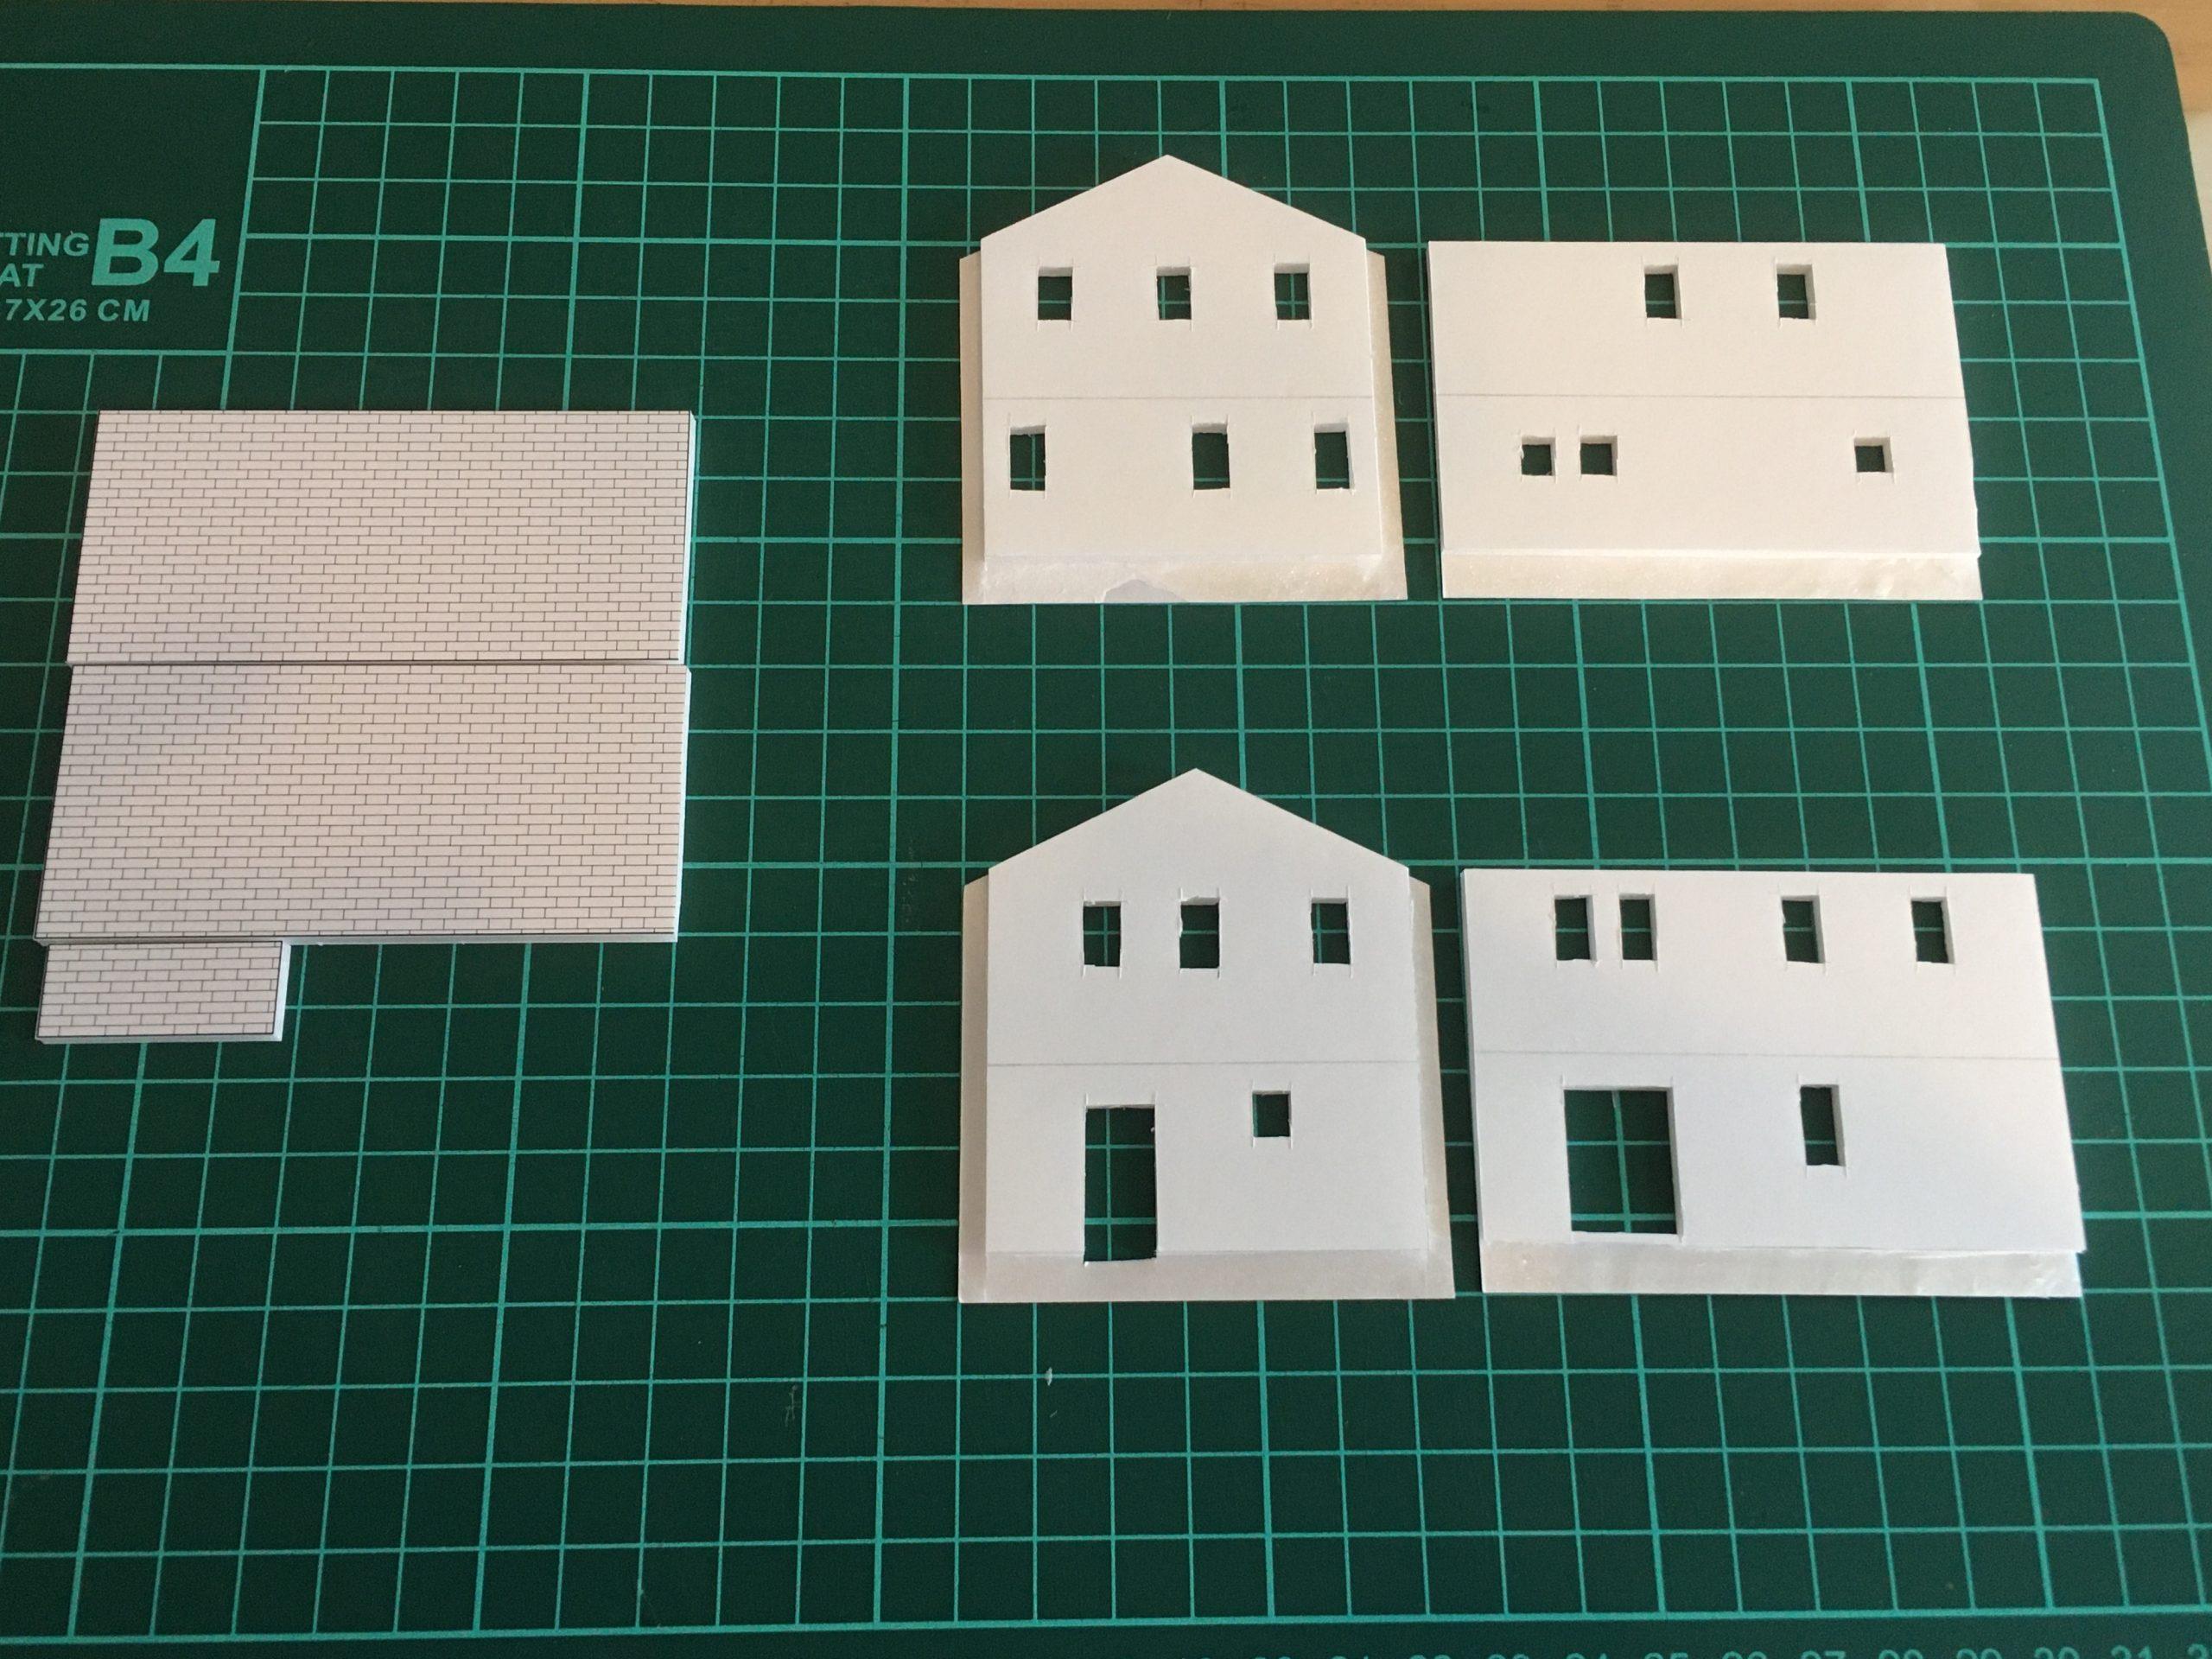 ヘリテージホーム 住宅模型